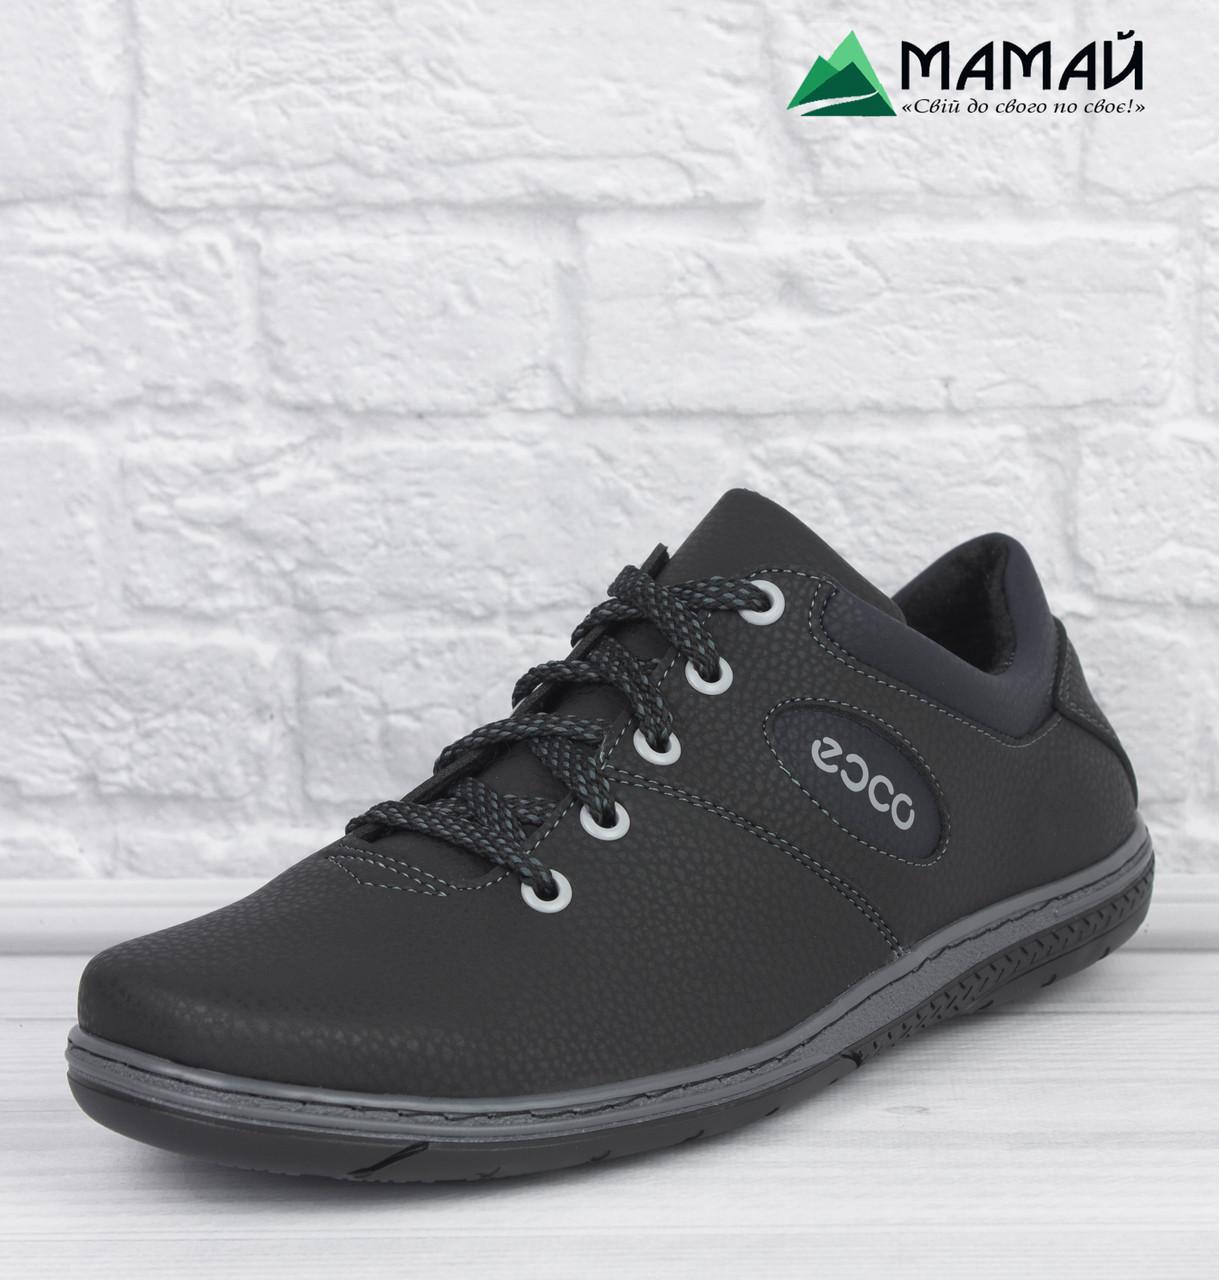 f6e10034a54d Кросівки чоловічі в стилі Ecco - Інтернет-магазин дешевого взуття в Львове